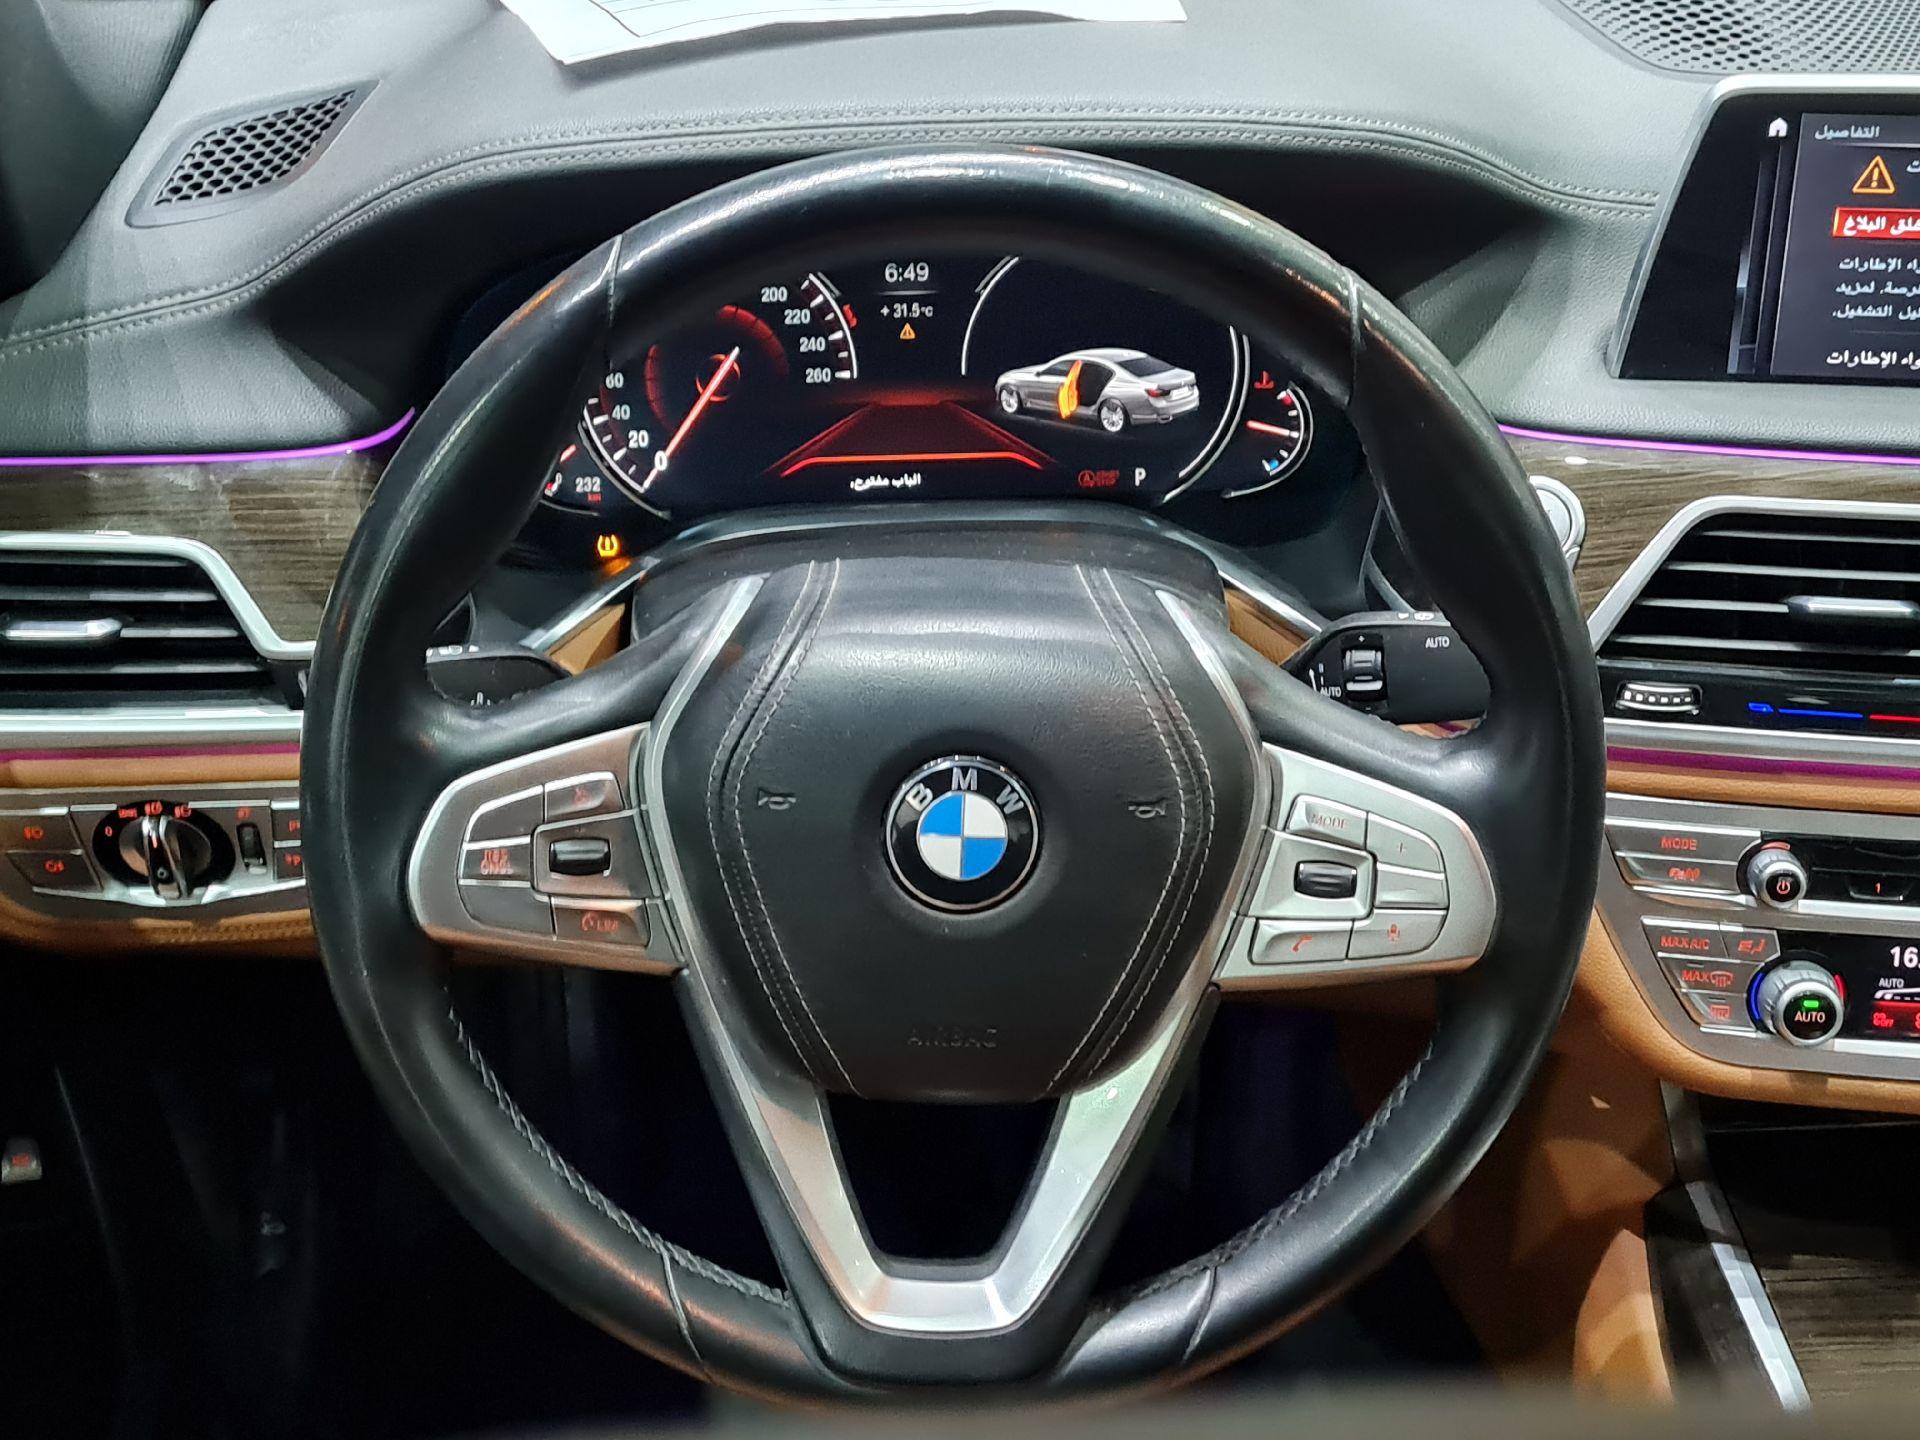 BMW الفئة السابعة 730Li 2018 فل سعودي للبيع في الرياض - السعودية - صورة كبيرة - 1